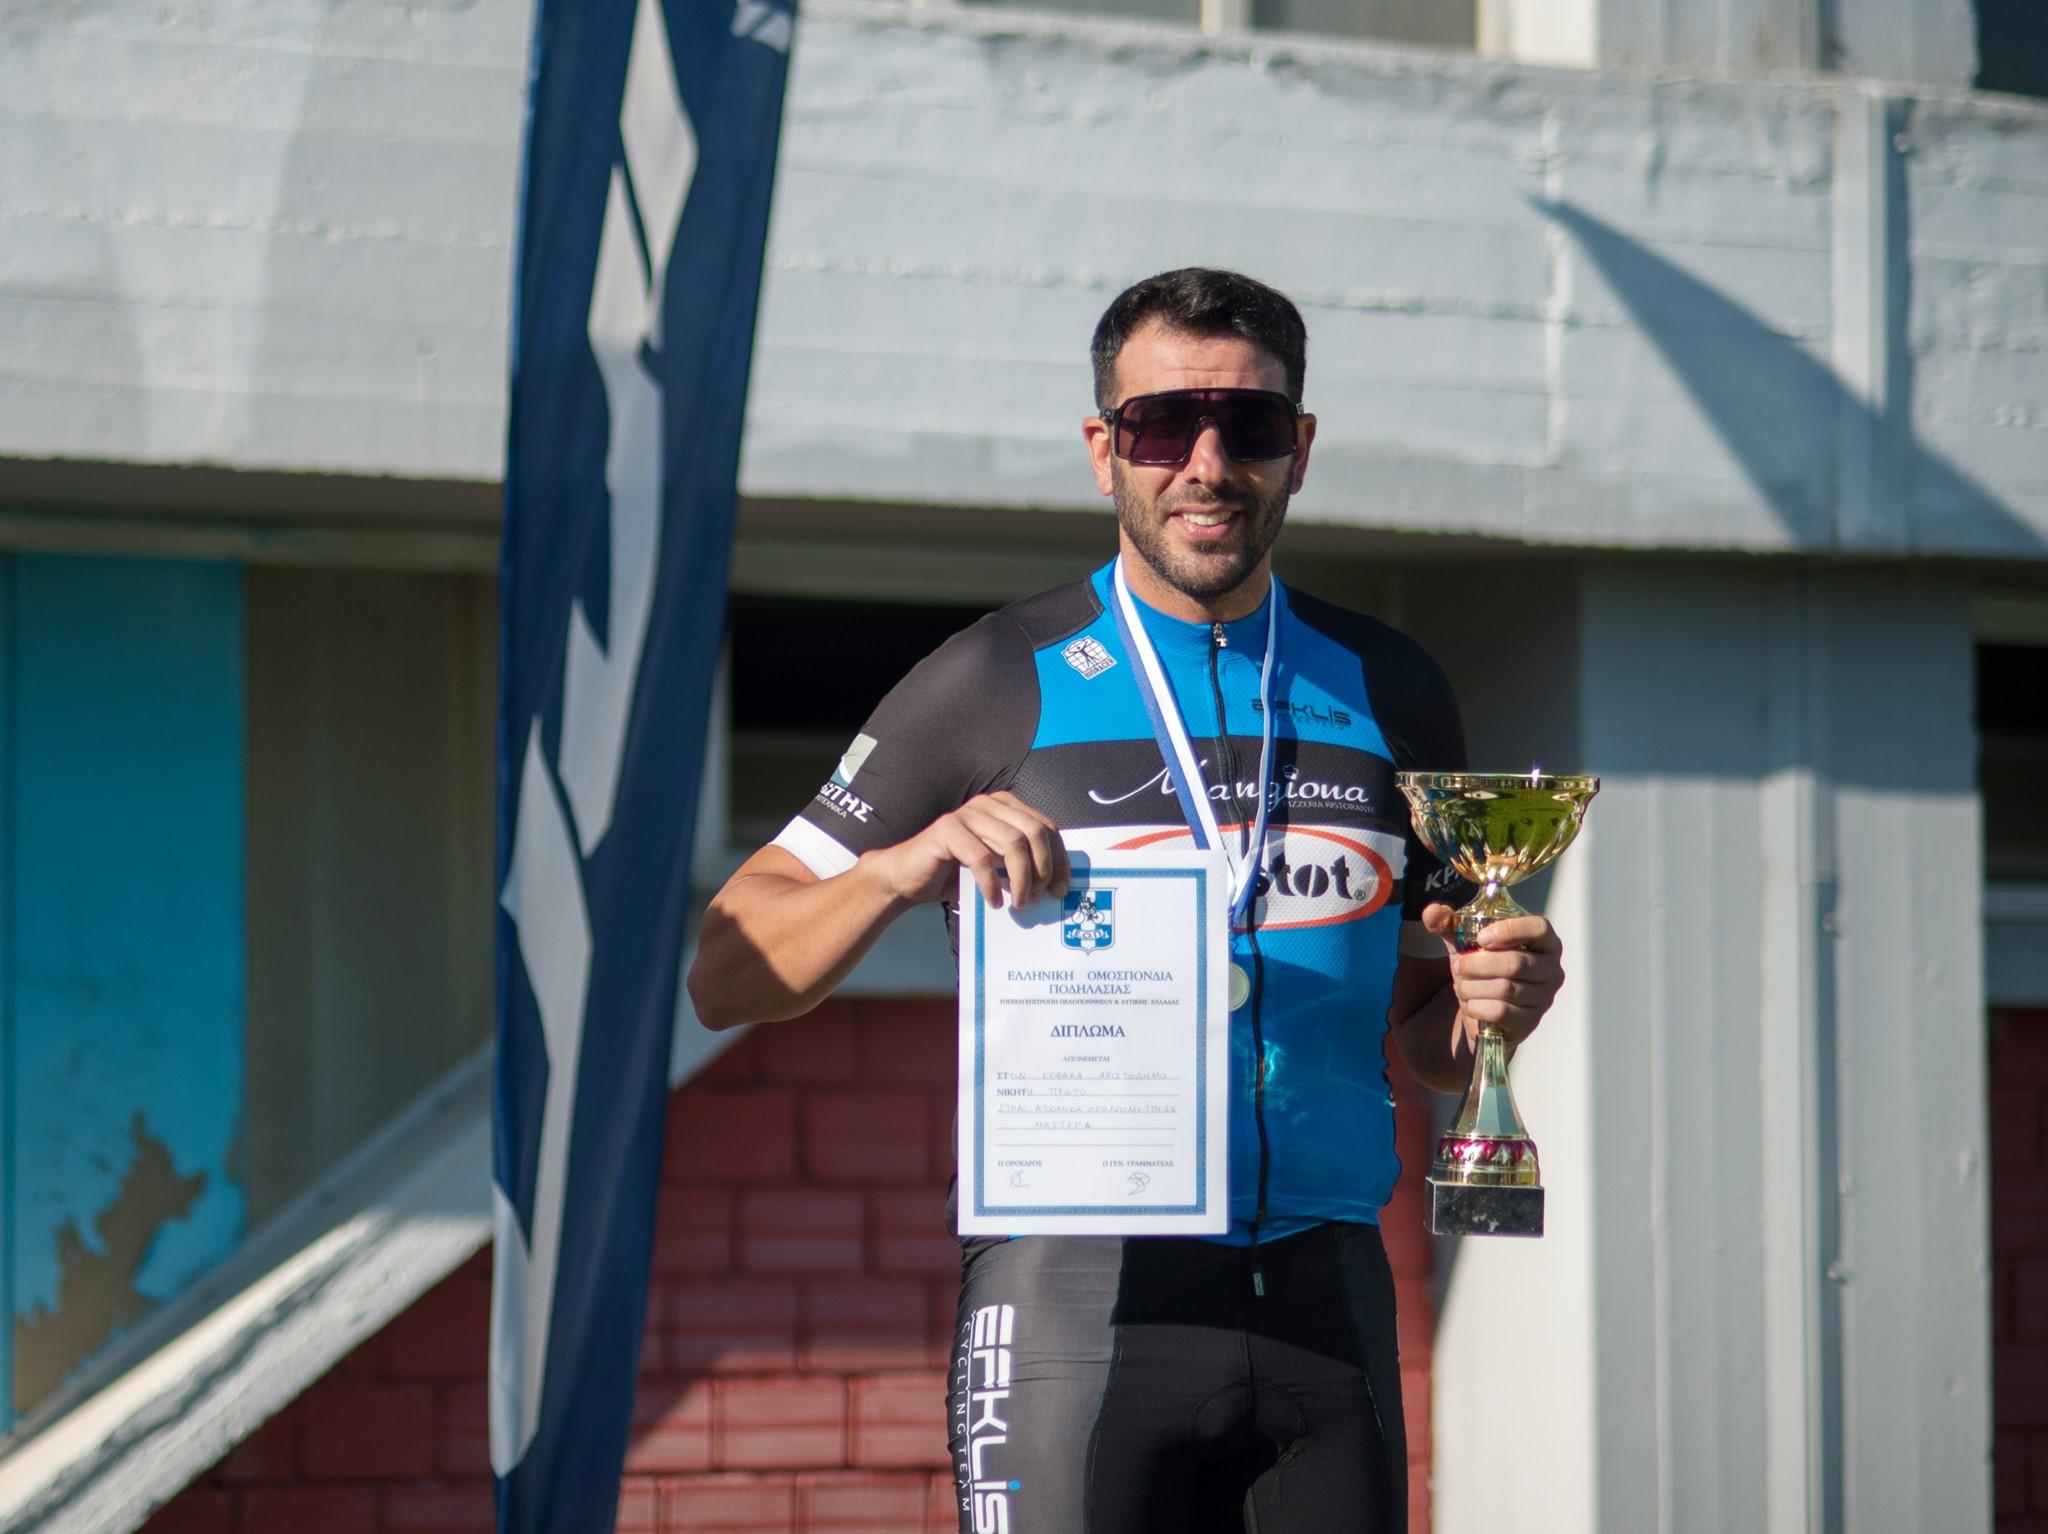 """Ευκλής Καλαμάτας: """"Πρωταθλητής για 2η συνεχόμενη χρονιά ο έμπειρος ποδηλάτης Κεφάλας Αριστόδημος, στην ατομική χρονομέτρηση στο Τοπικό Πρωτάθλημα Πελοποννήσου – Δυτικής Ελλάδας"""""""